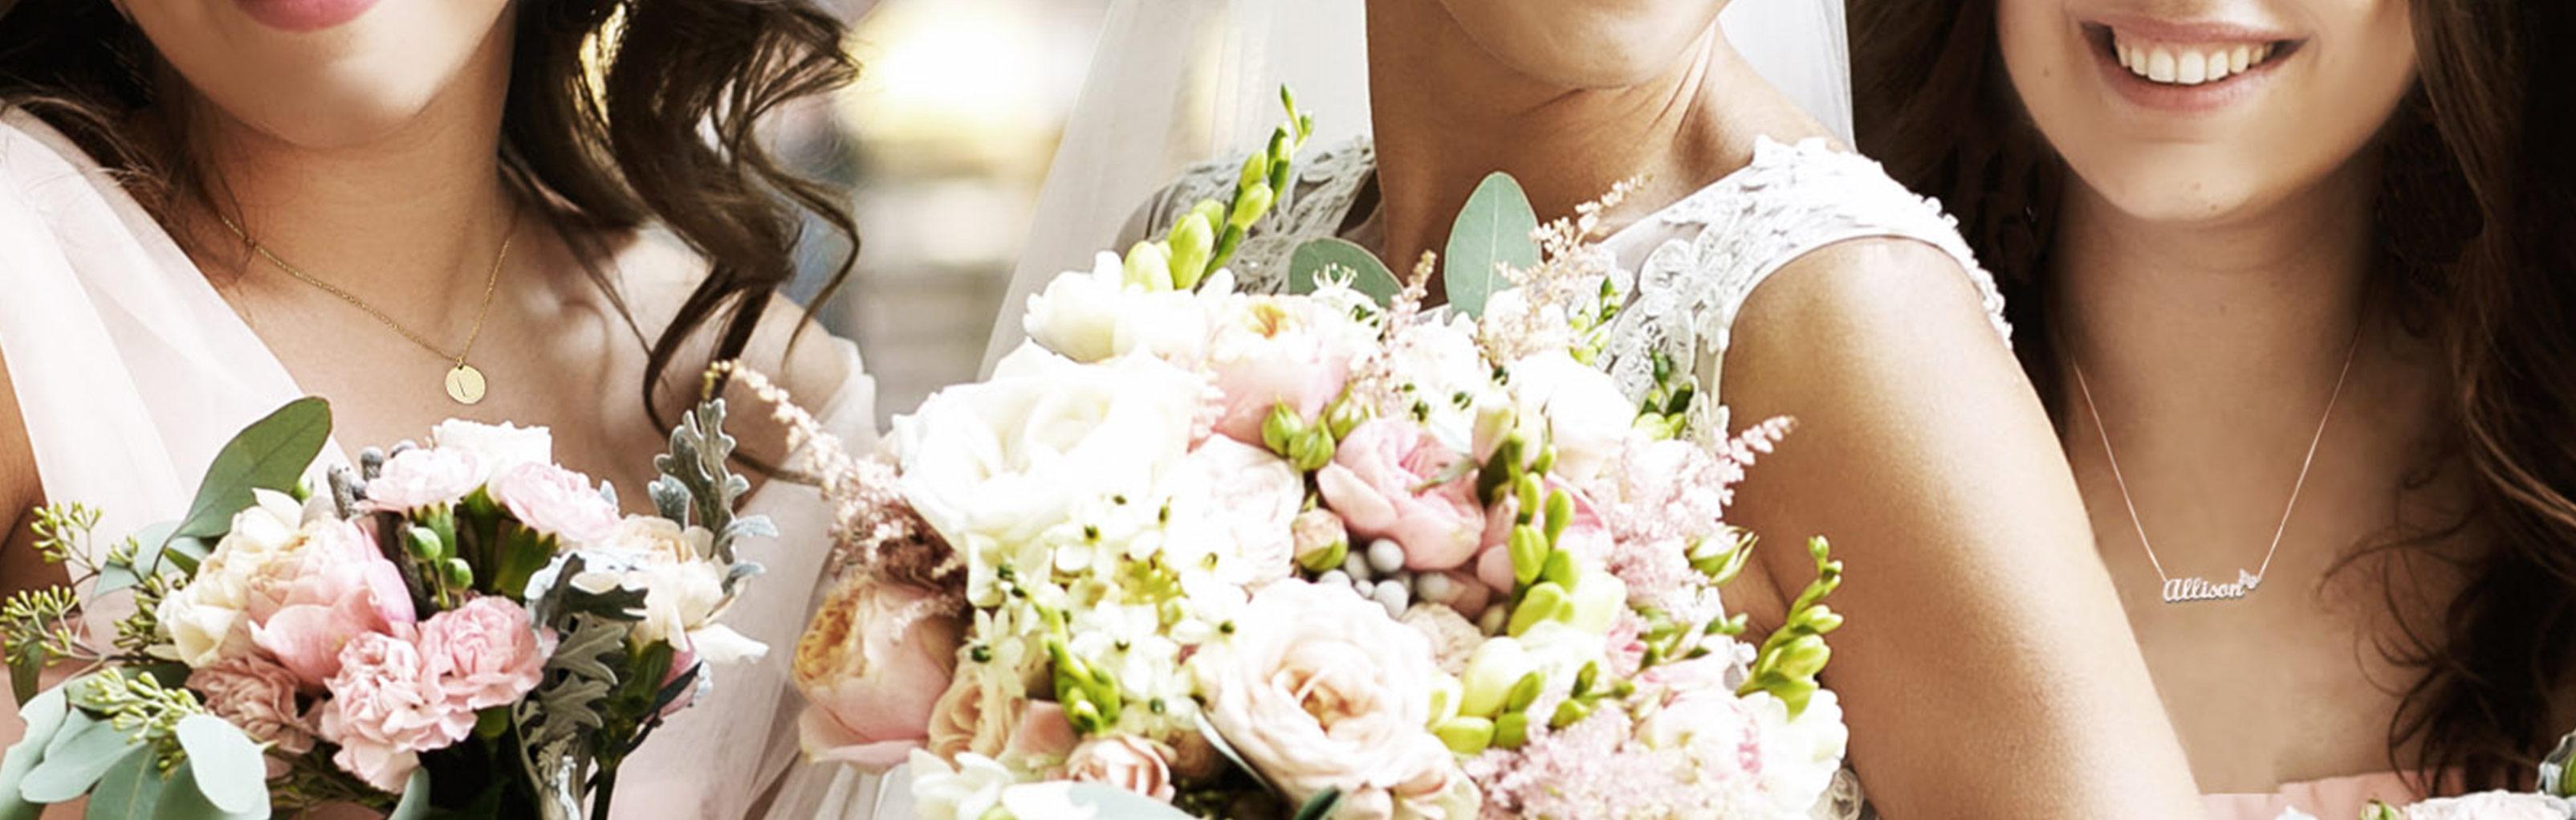 Top Bruidsmeisjes Sieraden voor minder dan €40